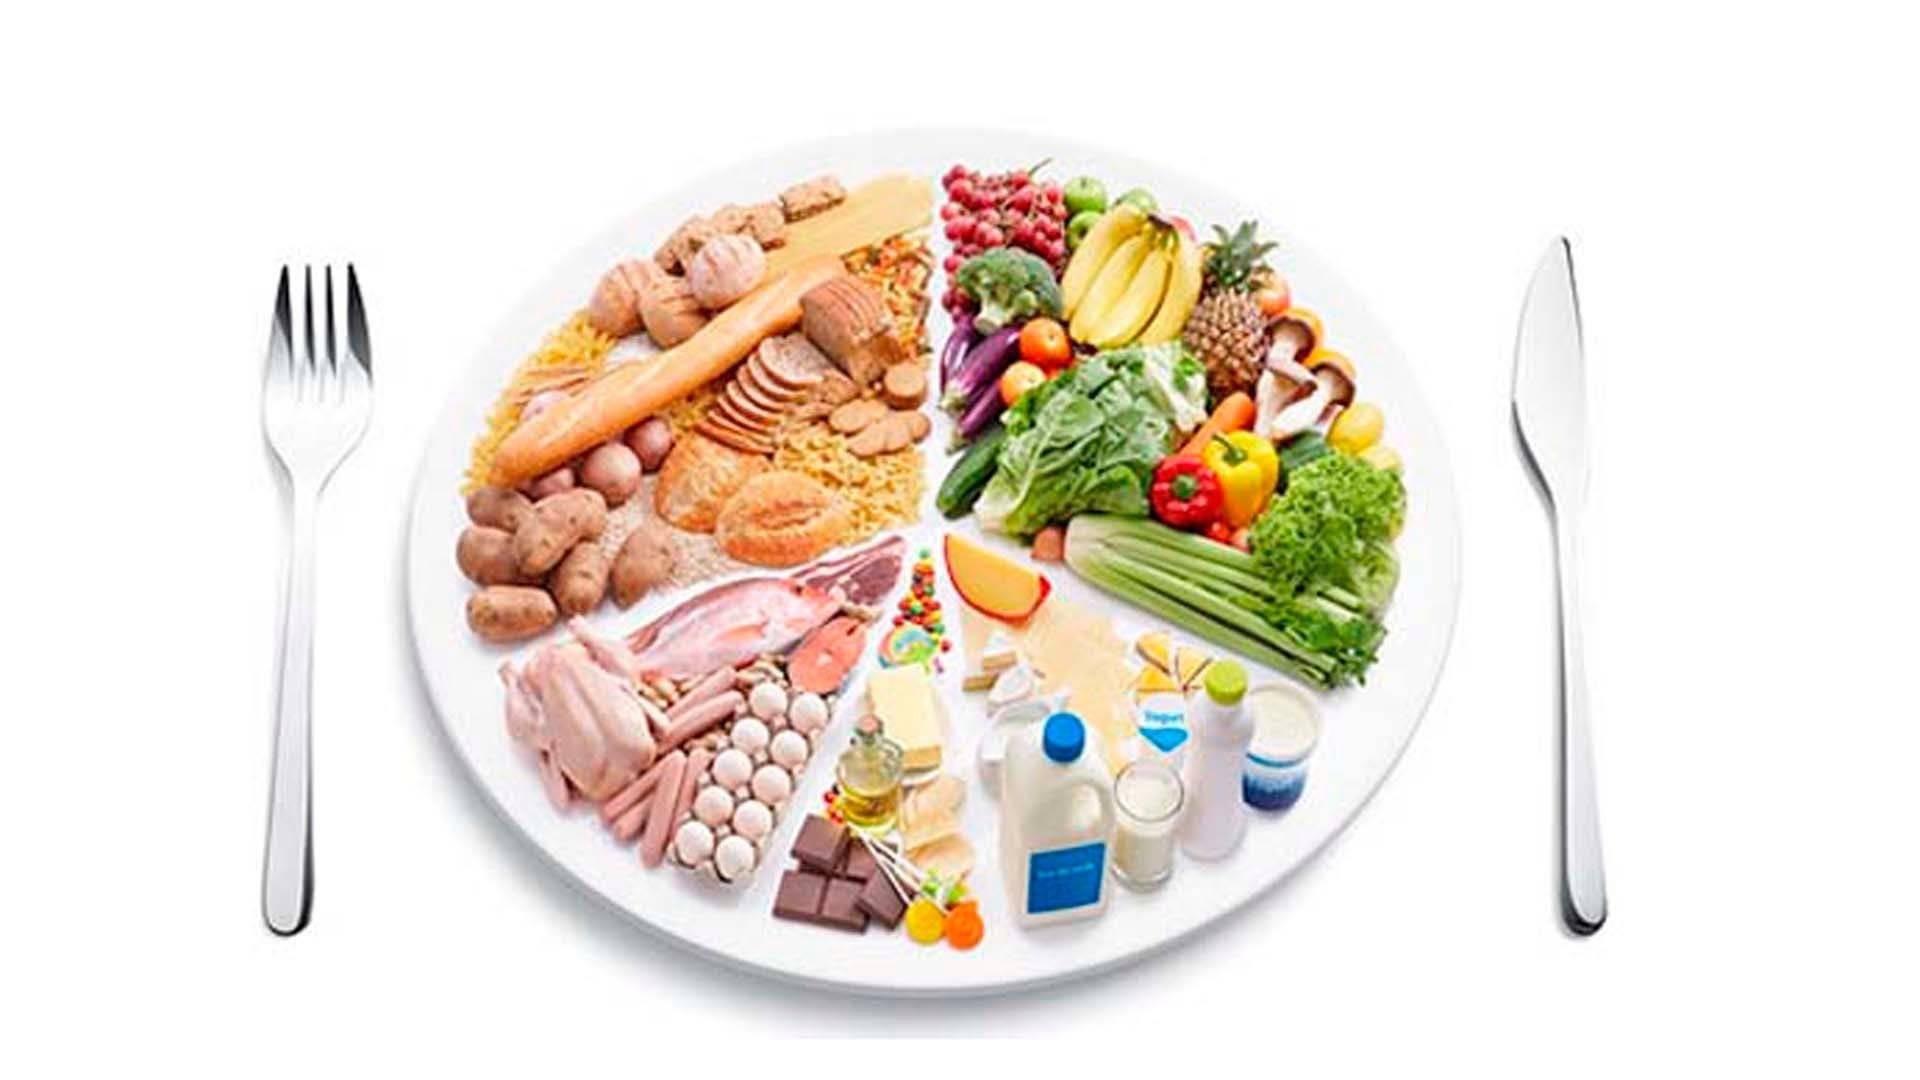 Правильно питание из-за дня в день